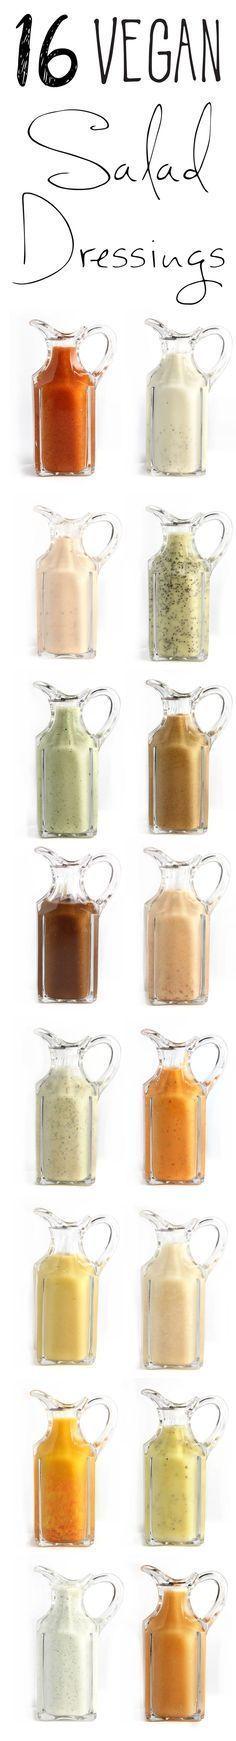 16 Vegan Salad Dressings! - 16 recettes de vinaigrette